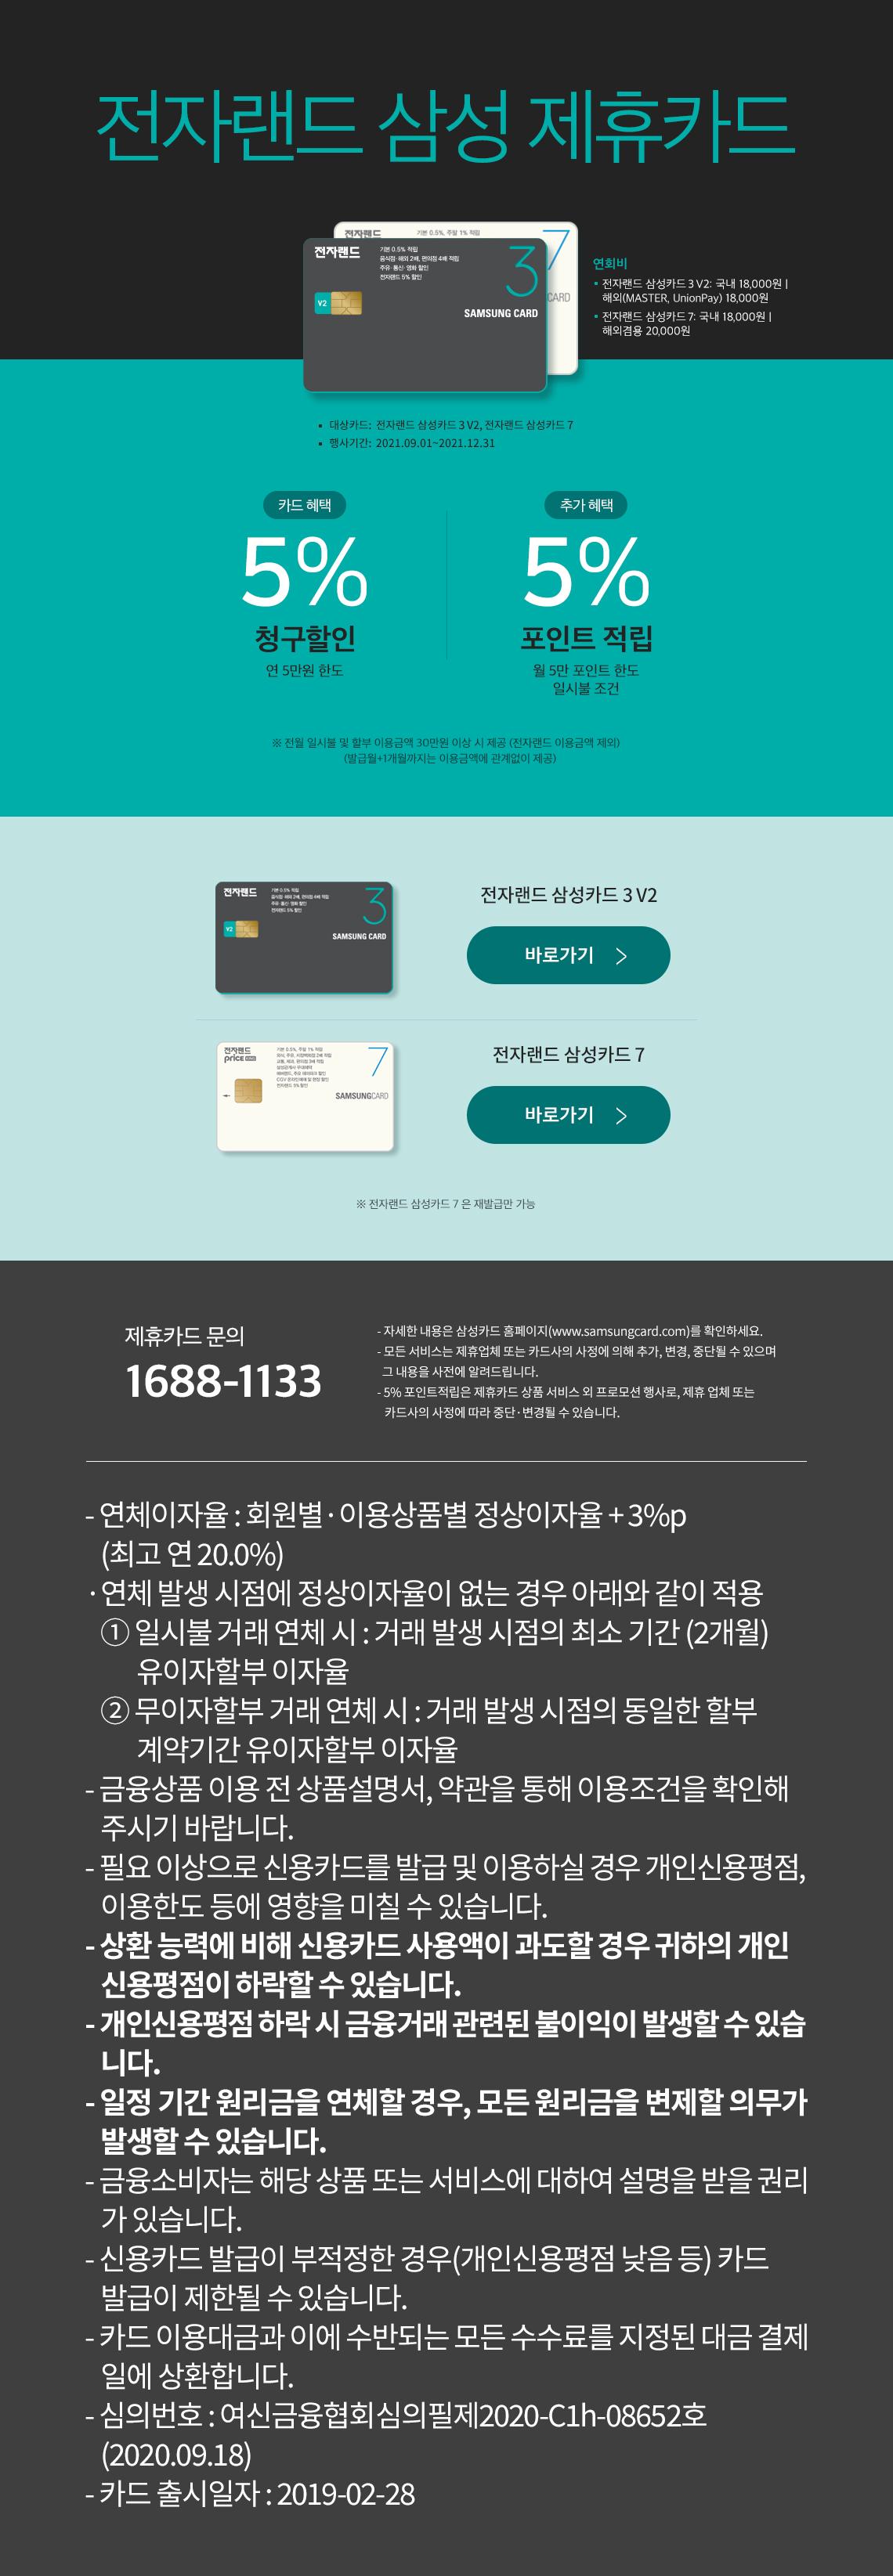 전자랜드 삼성 제휴카드